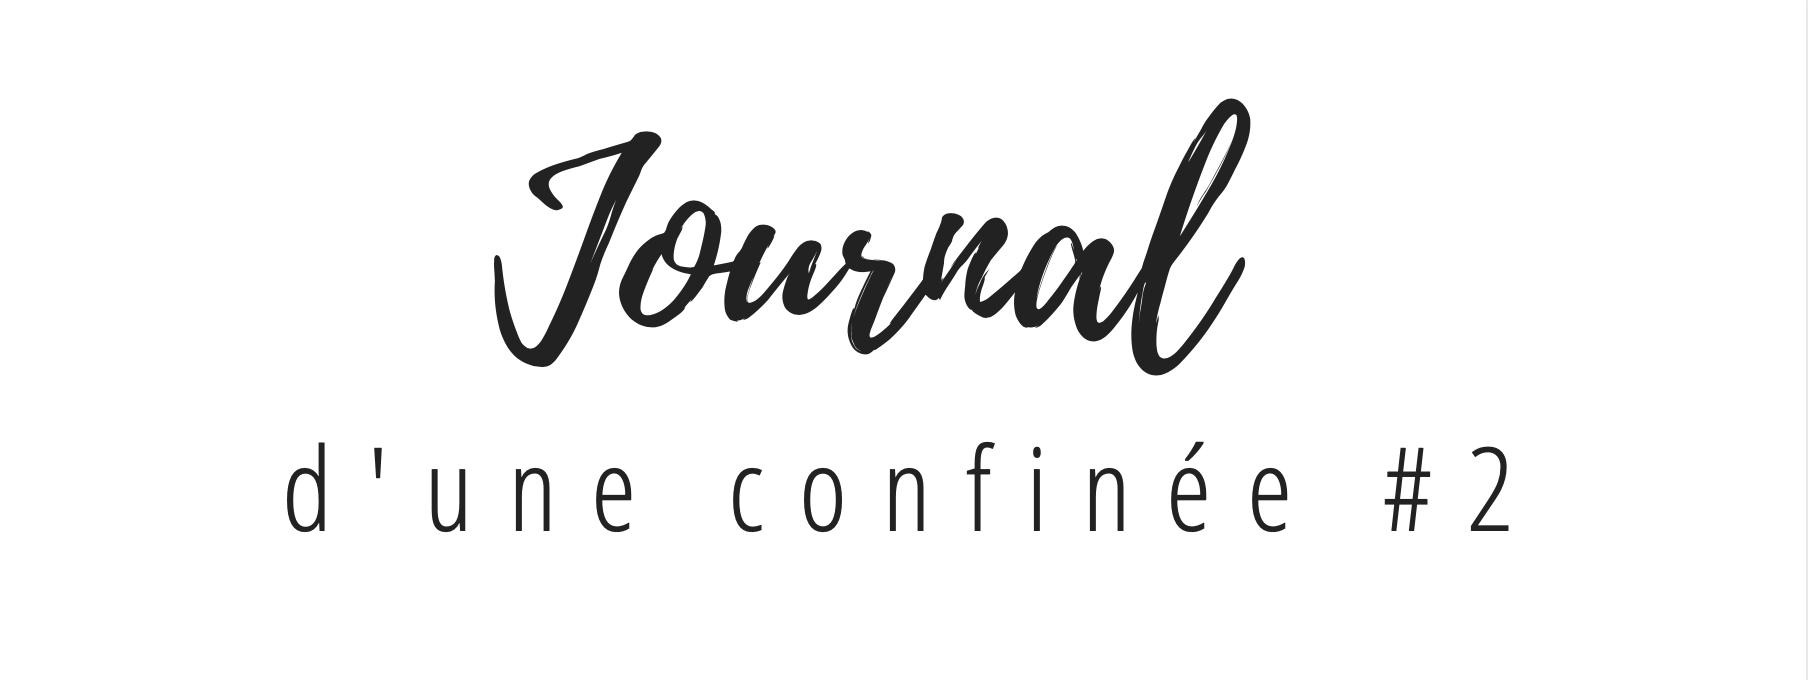 Journal d'une confinée #2